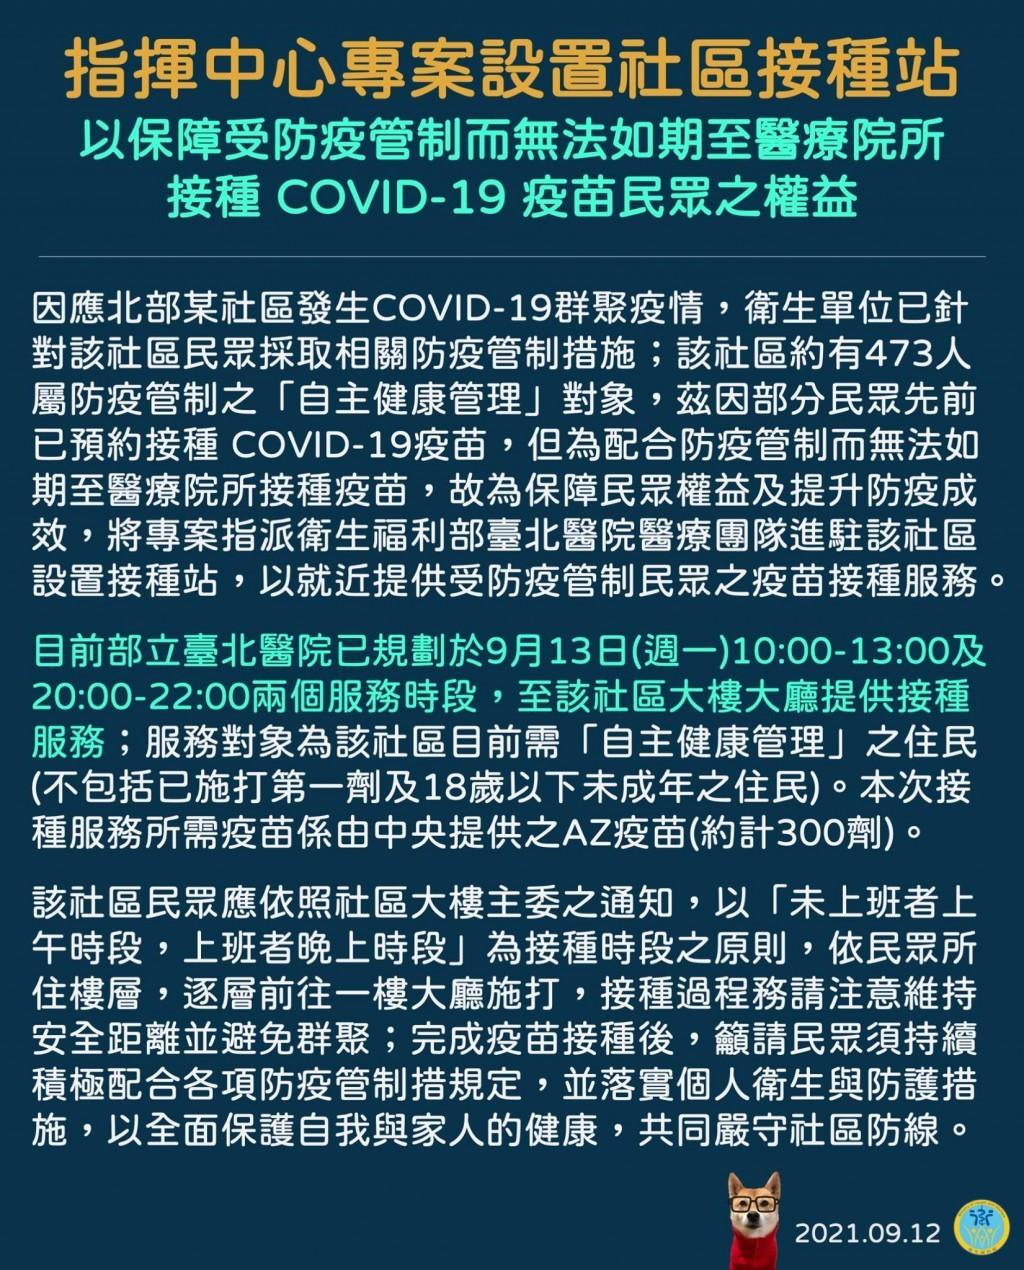 台灣新北社區Delta群聚 指揮中心安排9/13專案接種•保障「自主健康管理」民眾權益